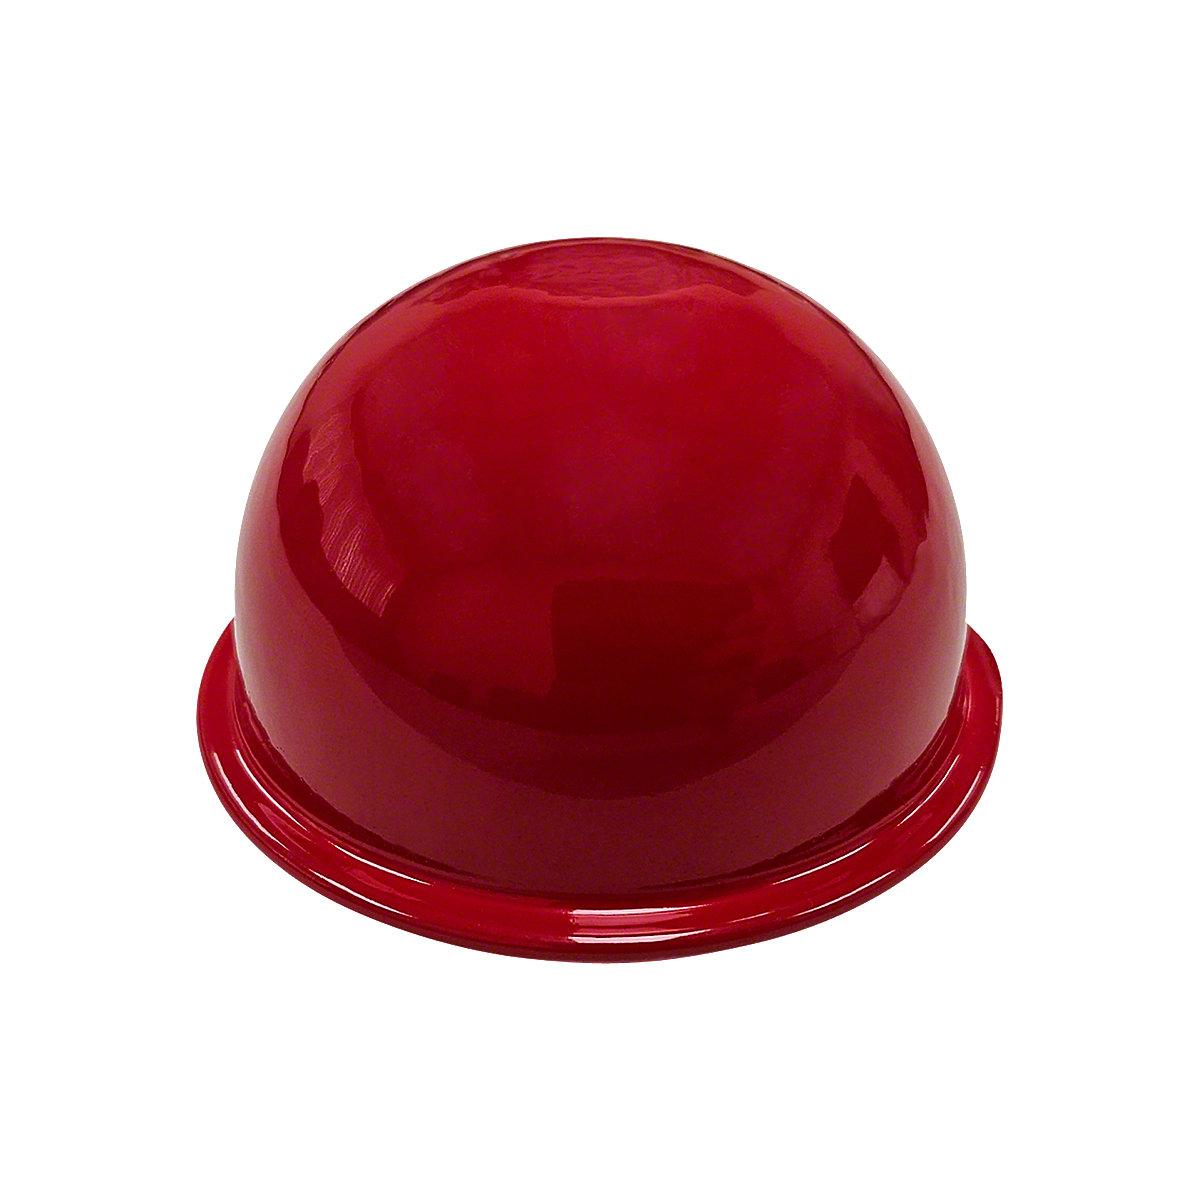 Air Cleaner Cap : Ihs air cleaner cap